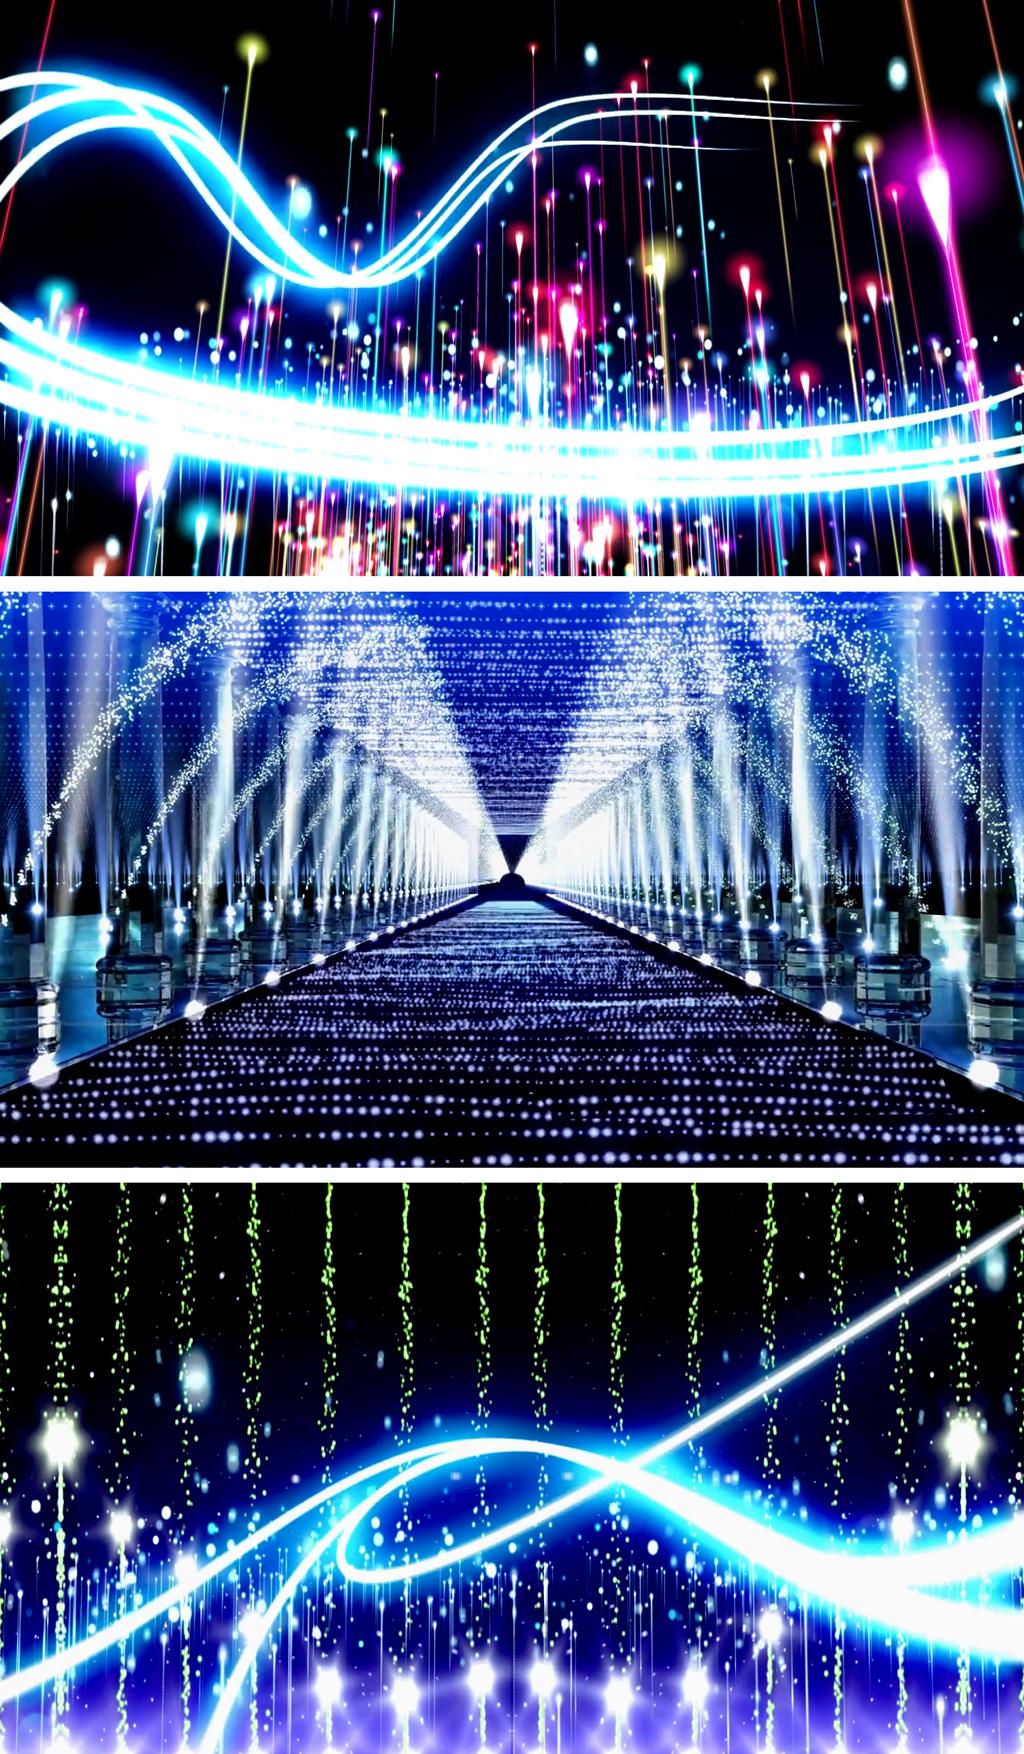 舞厅灯光魔球灯-舞厅灯光魔球灯厂家、品牌、图片、热帖-阿里巴巴